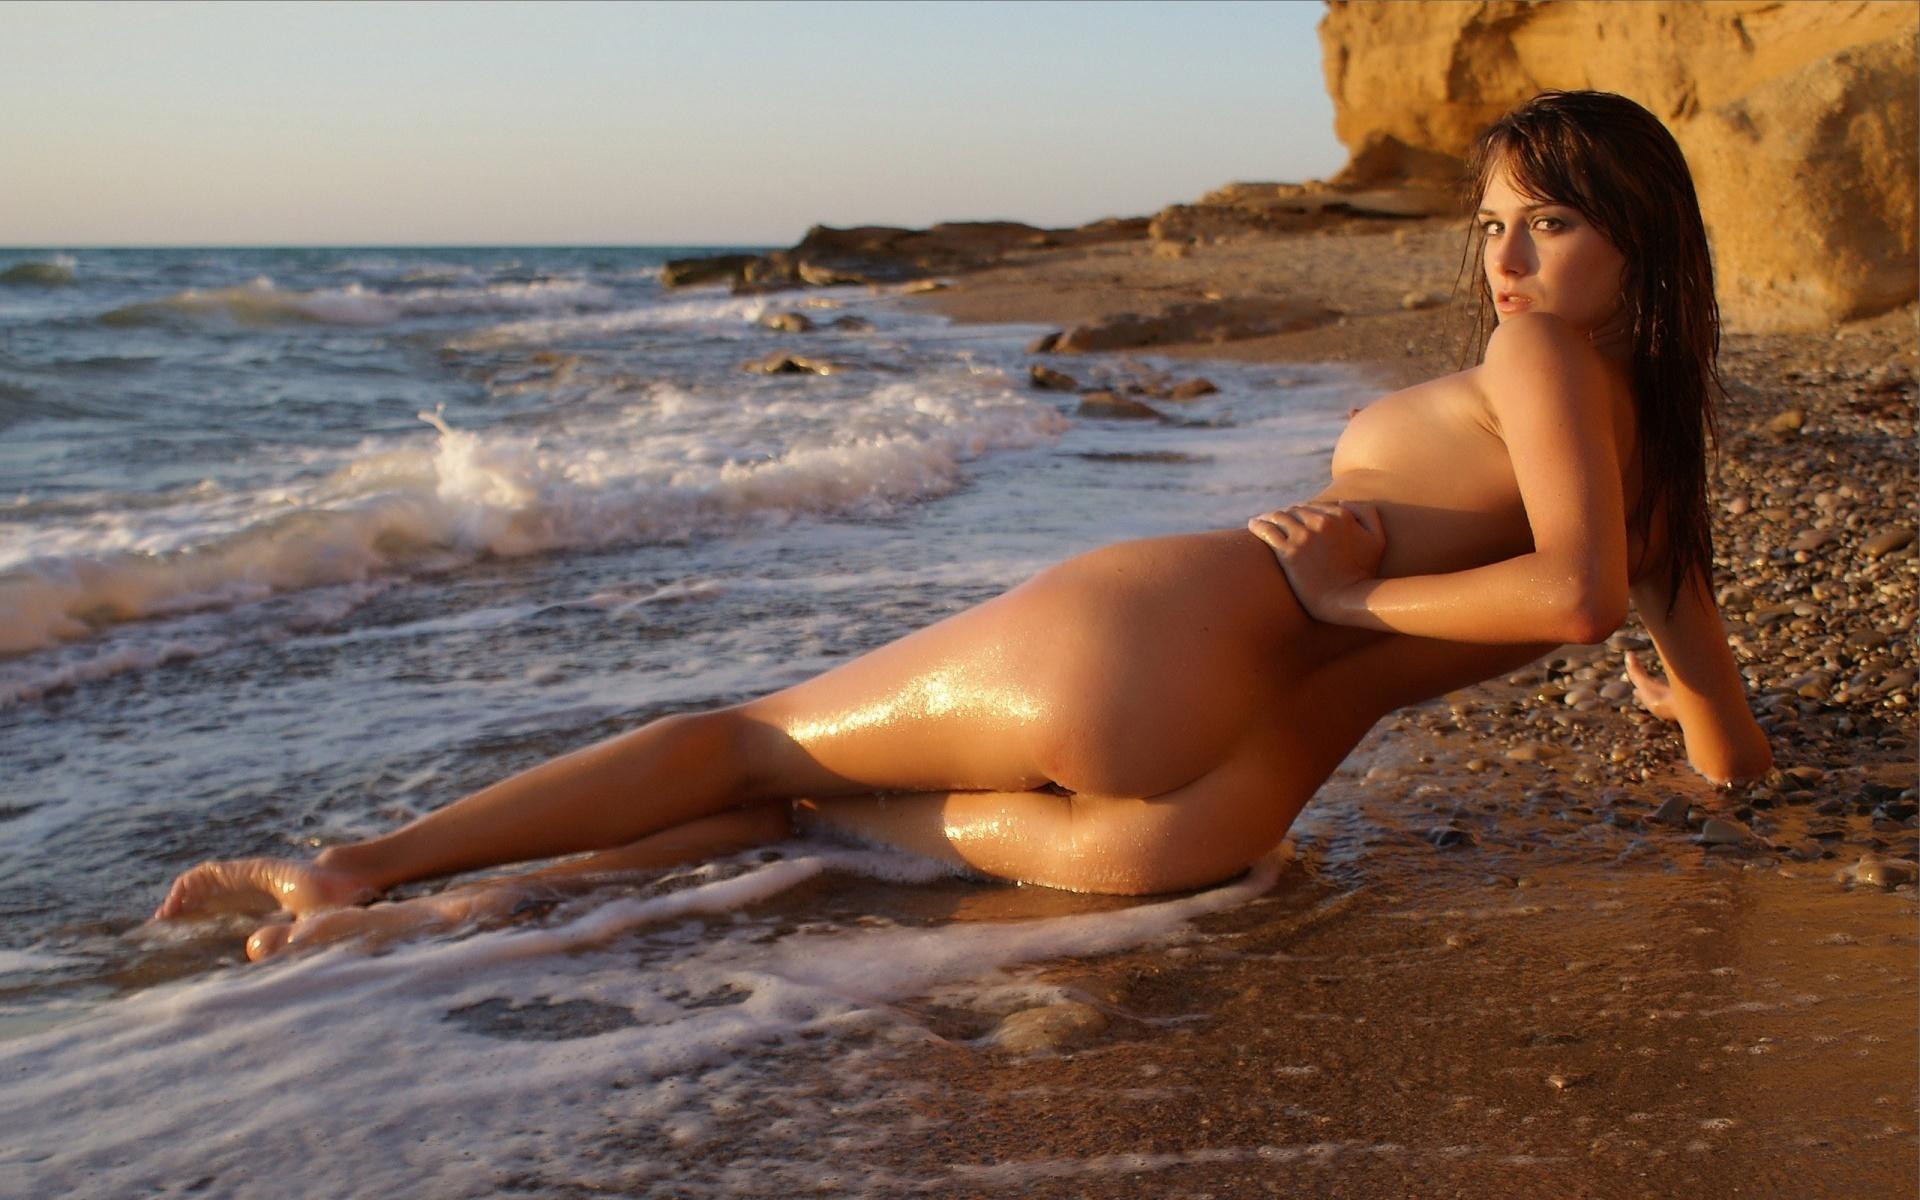 Обнаженные Пляж Эротика